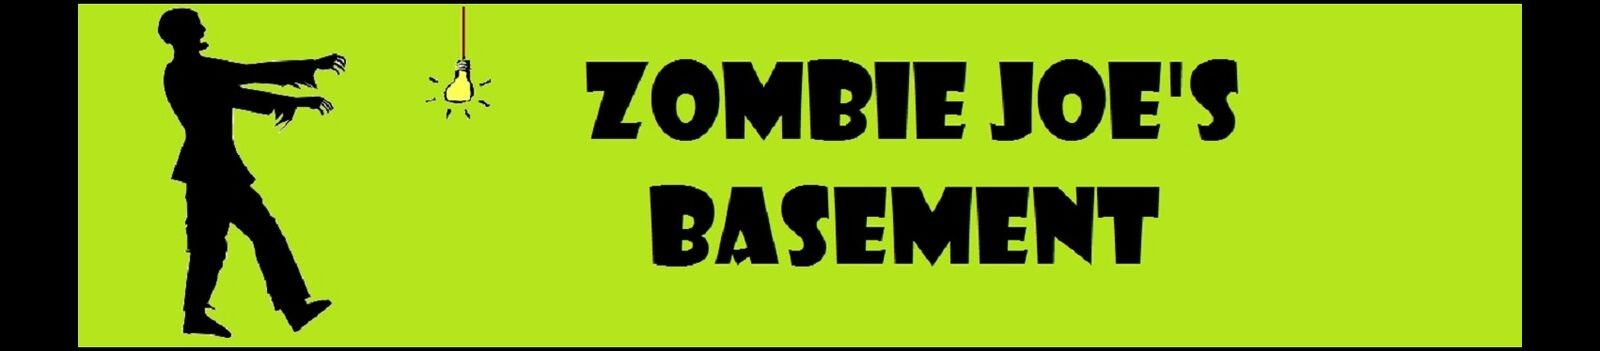 Zombie Joe's Basement